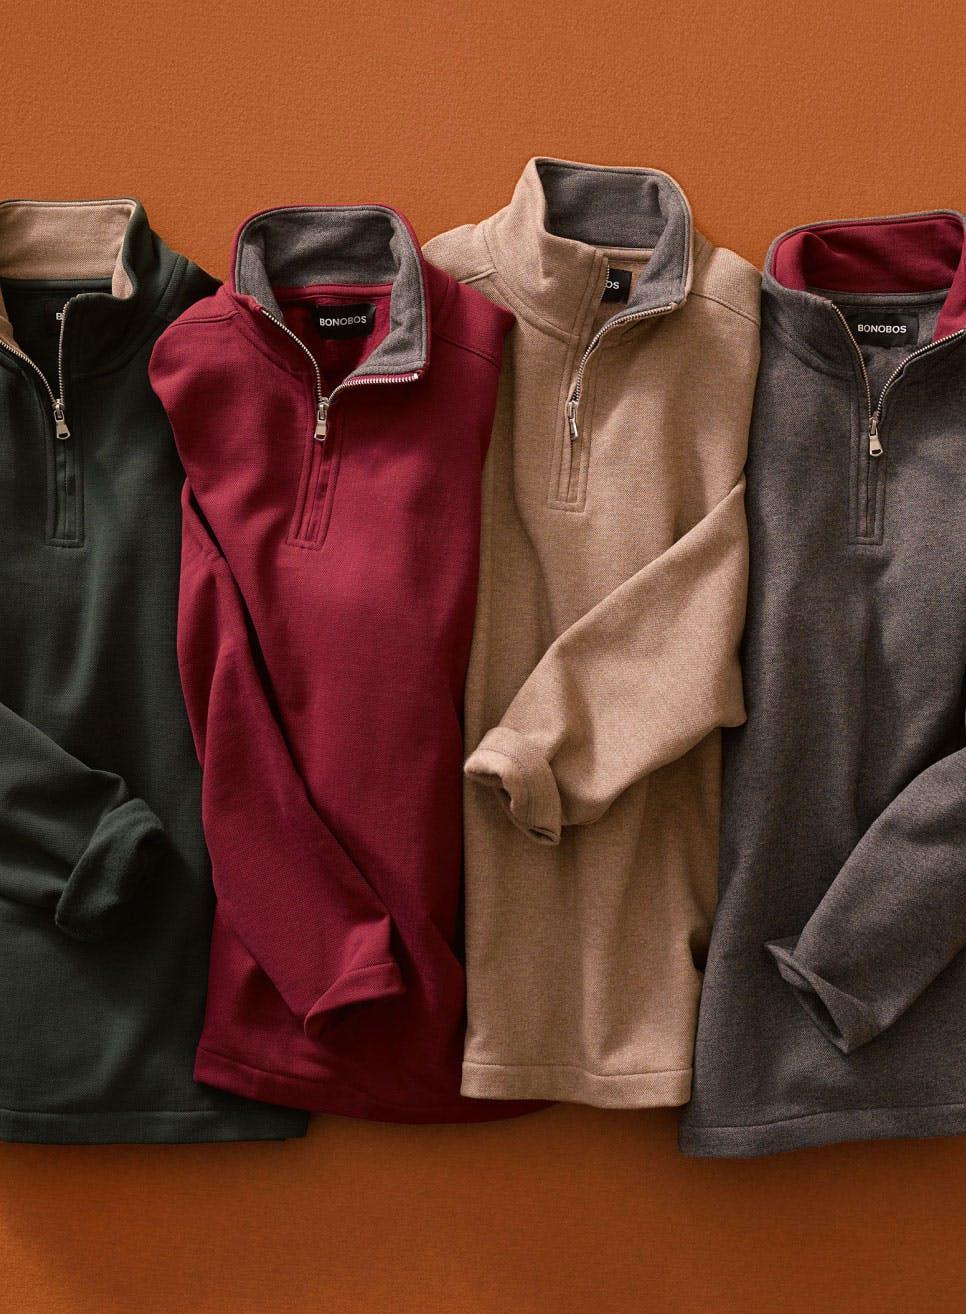 image of four Textured Fleece Half-Zip sweaters